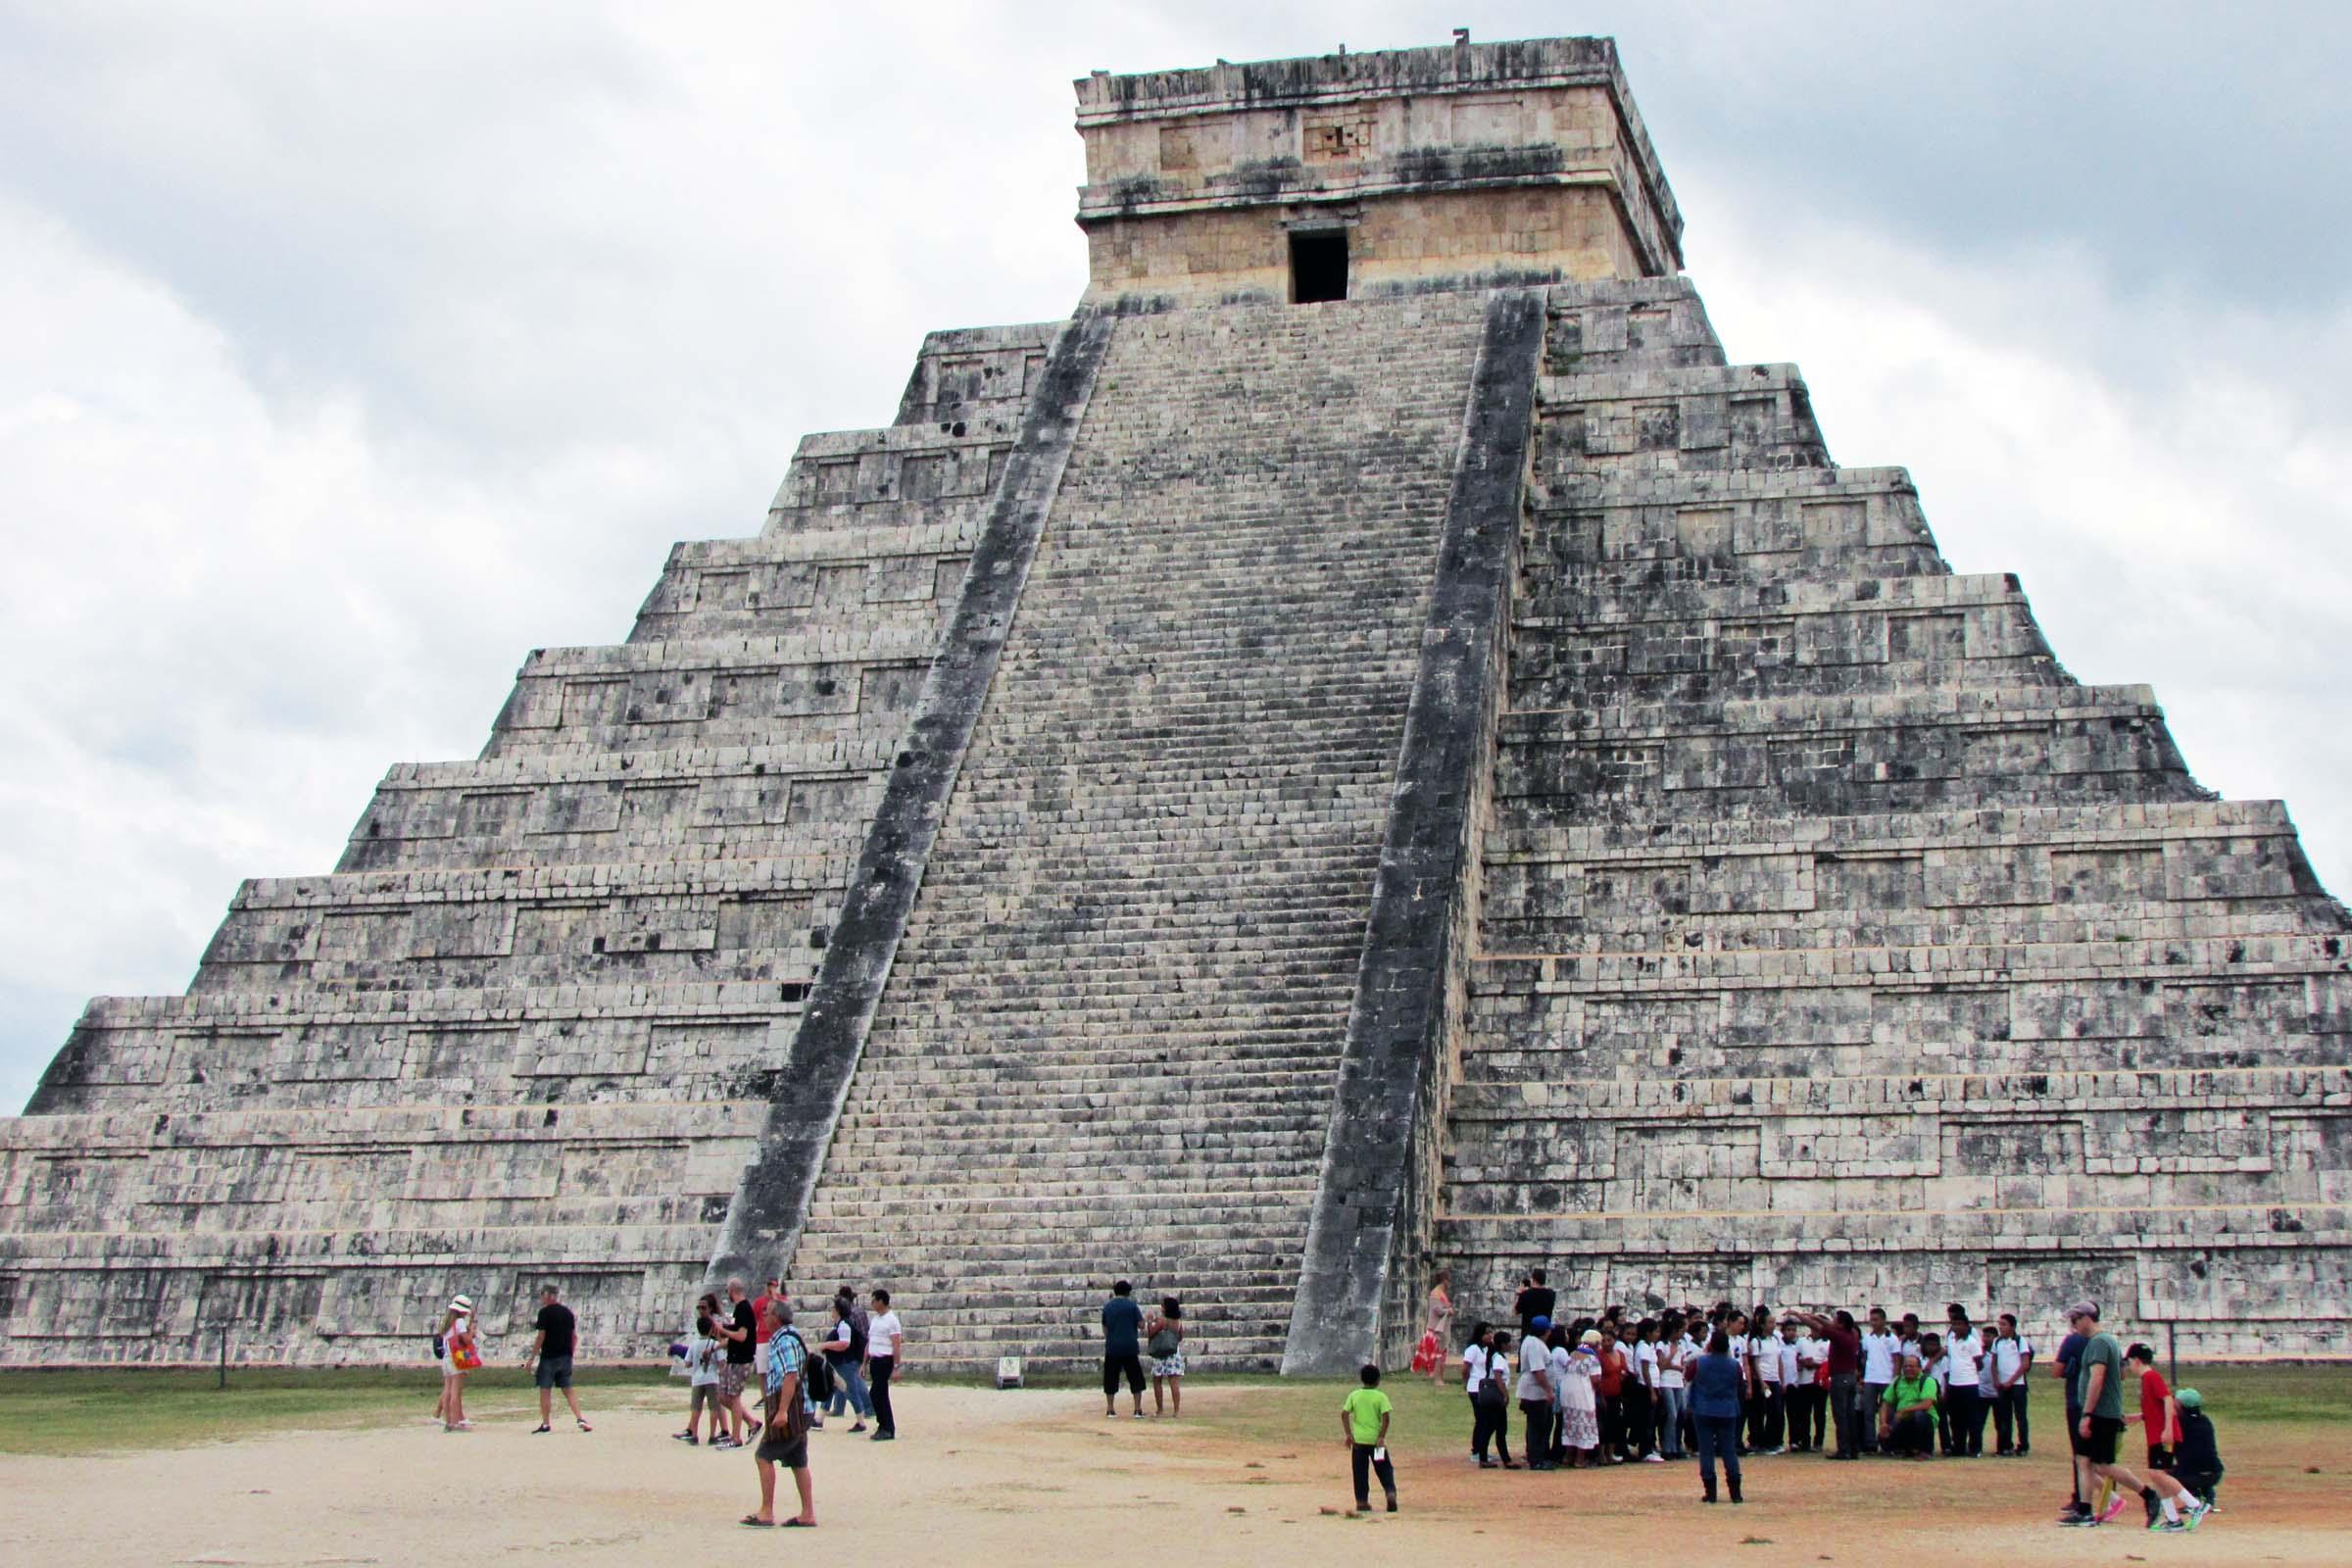 世界遺産に登録された、チチェン・イッツァのピラミッド